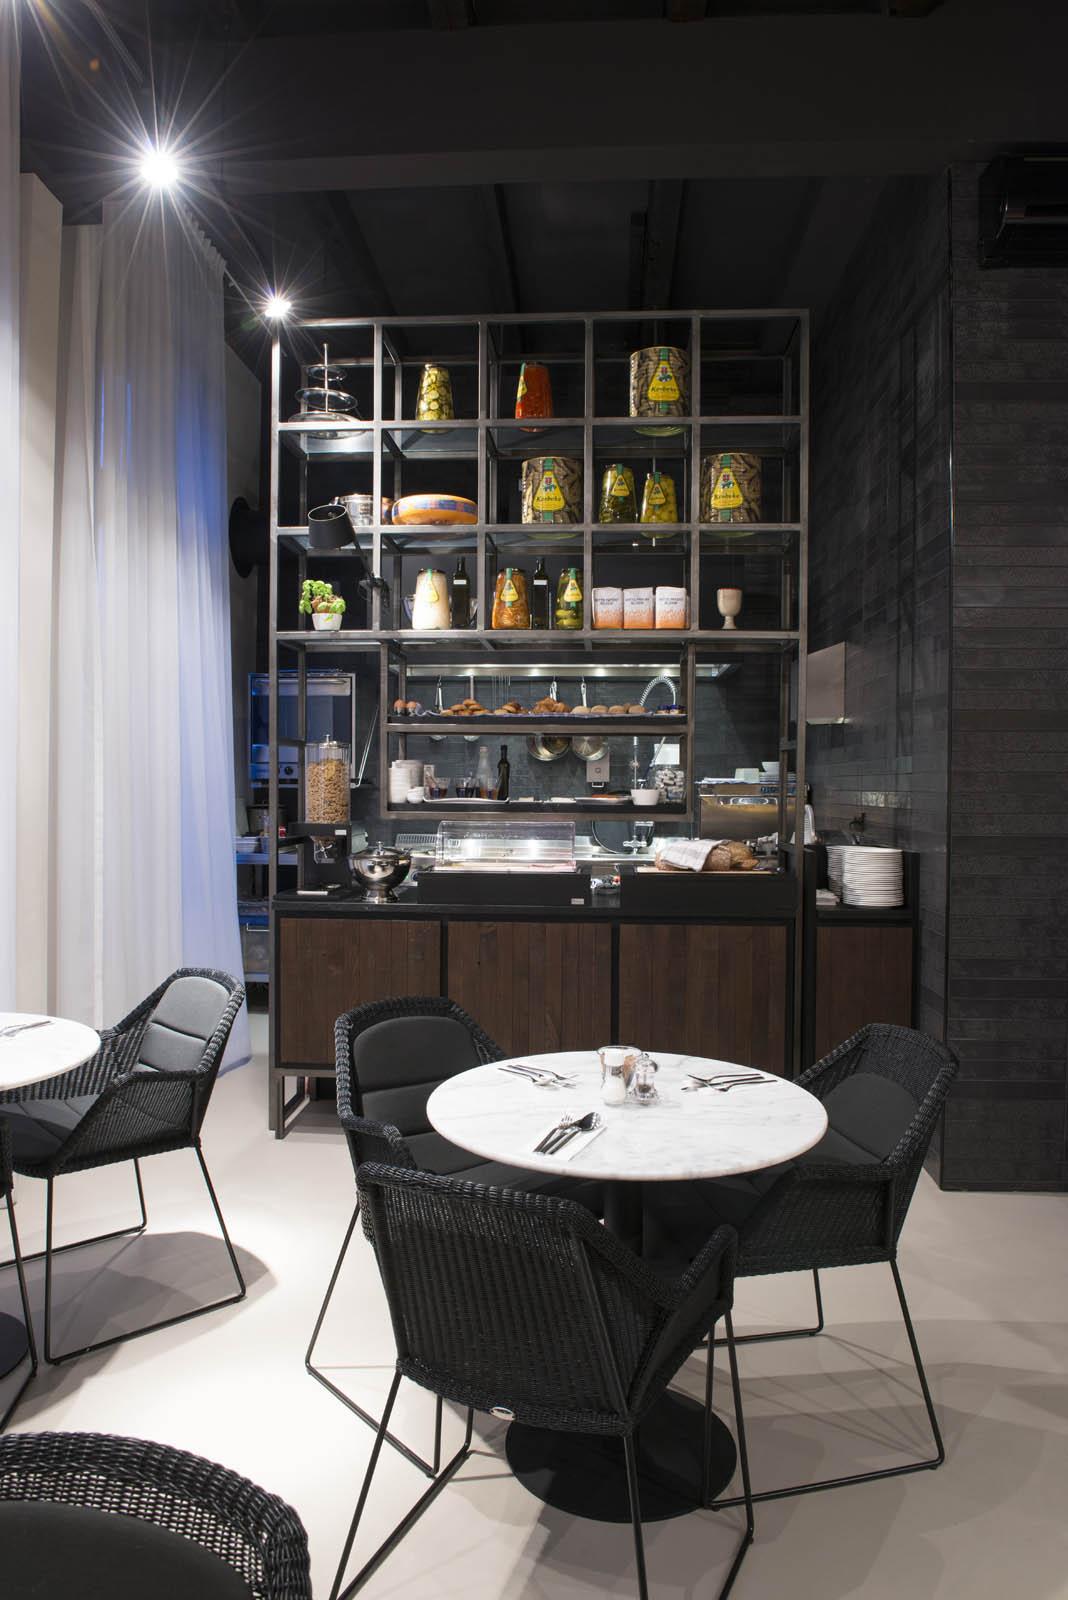 Kitchen, Piet hein hotel, by Jeroen de Nijs